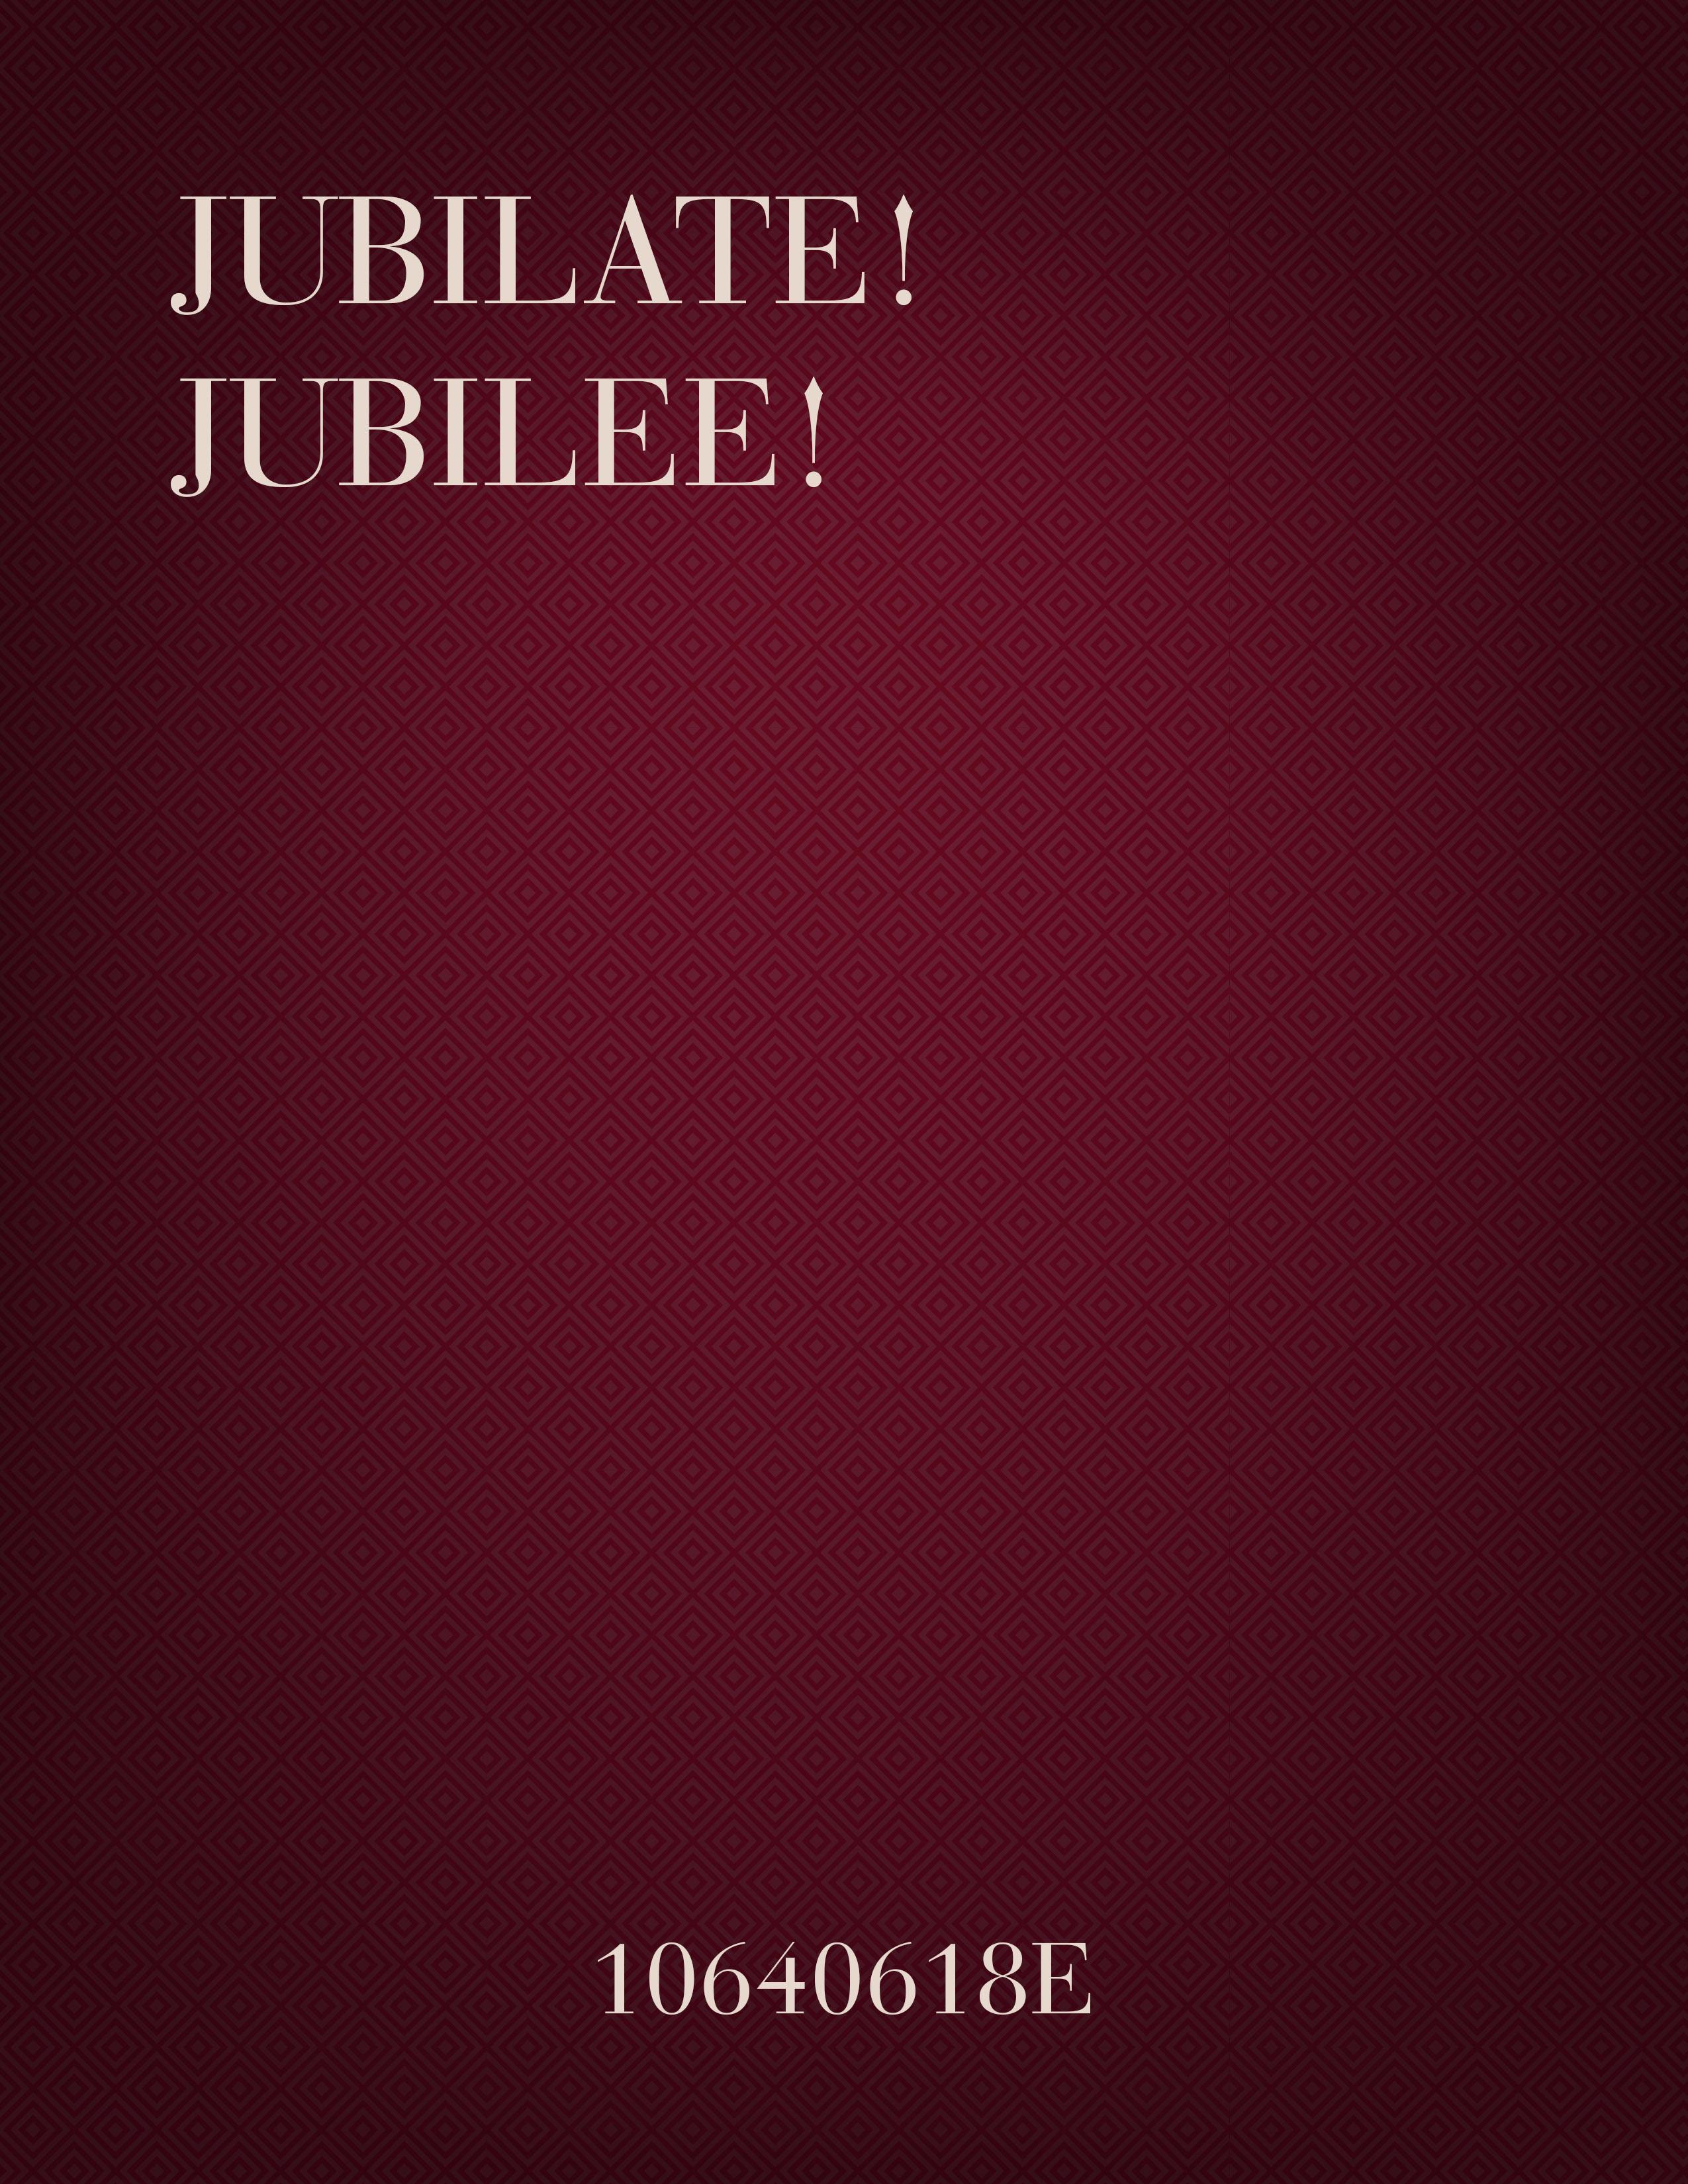 Jubilate! Jubilee!